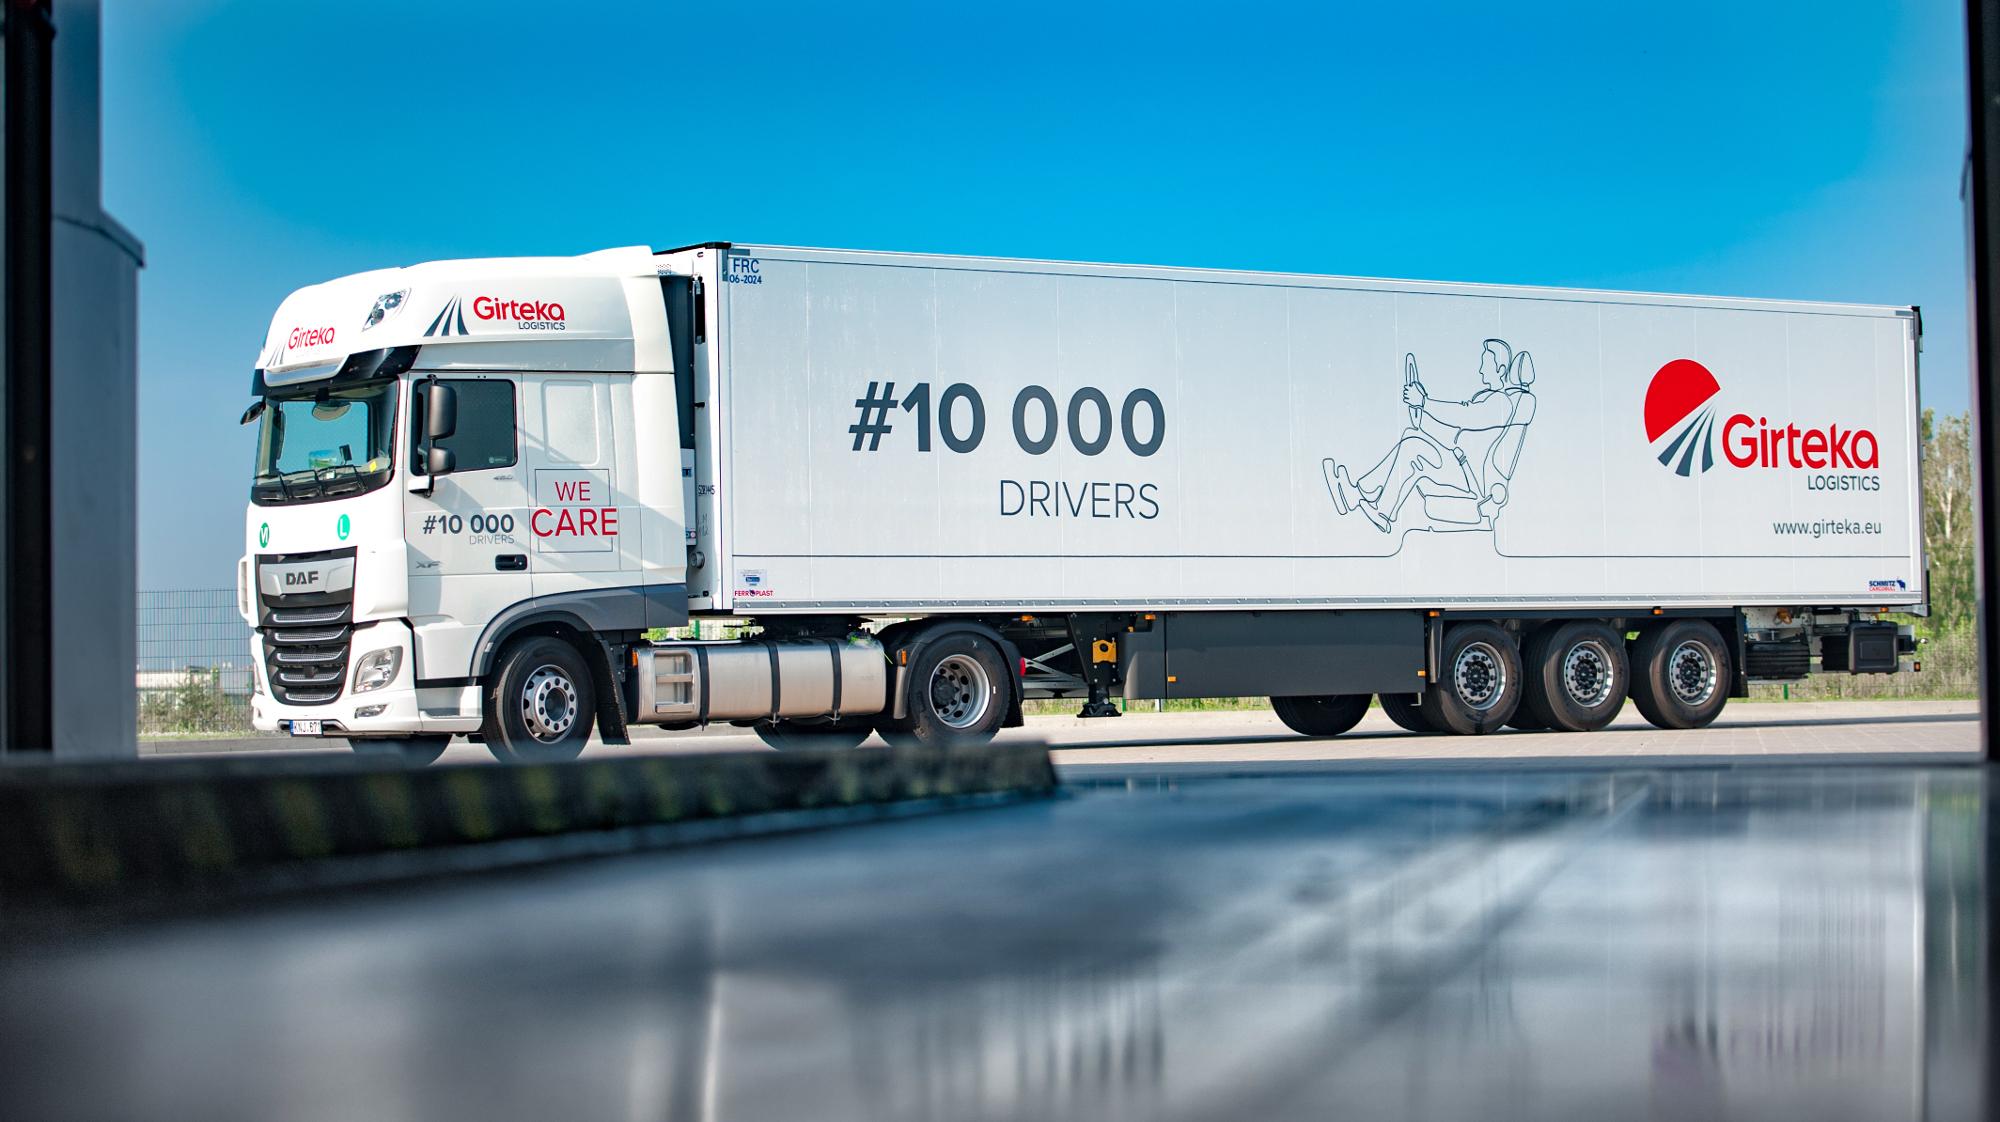 Girteka zatrudnia 10-tysięcznego kierowcę i planuje wkrótce podwoić tę liczbę